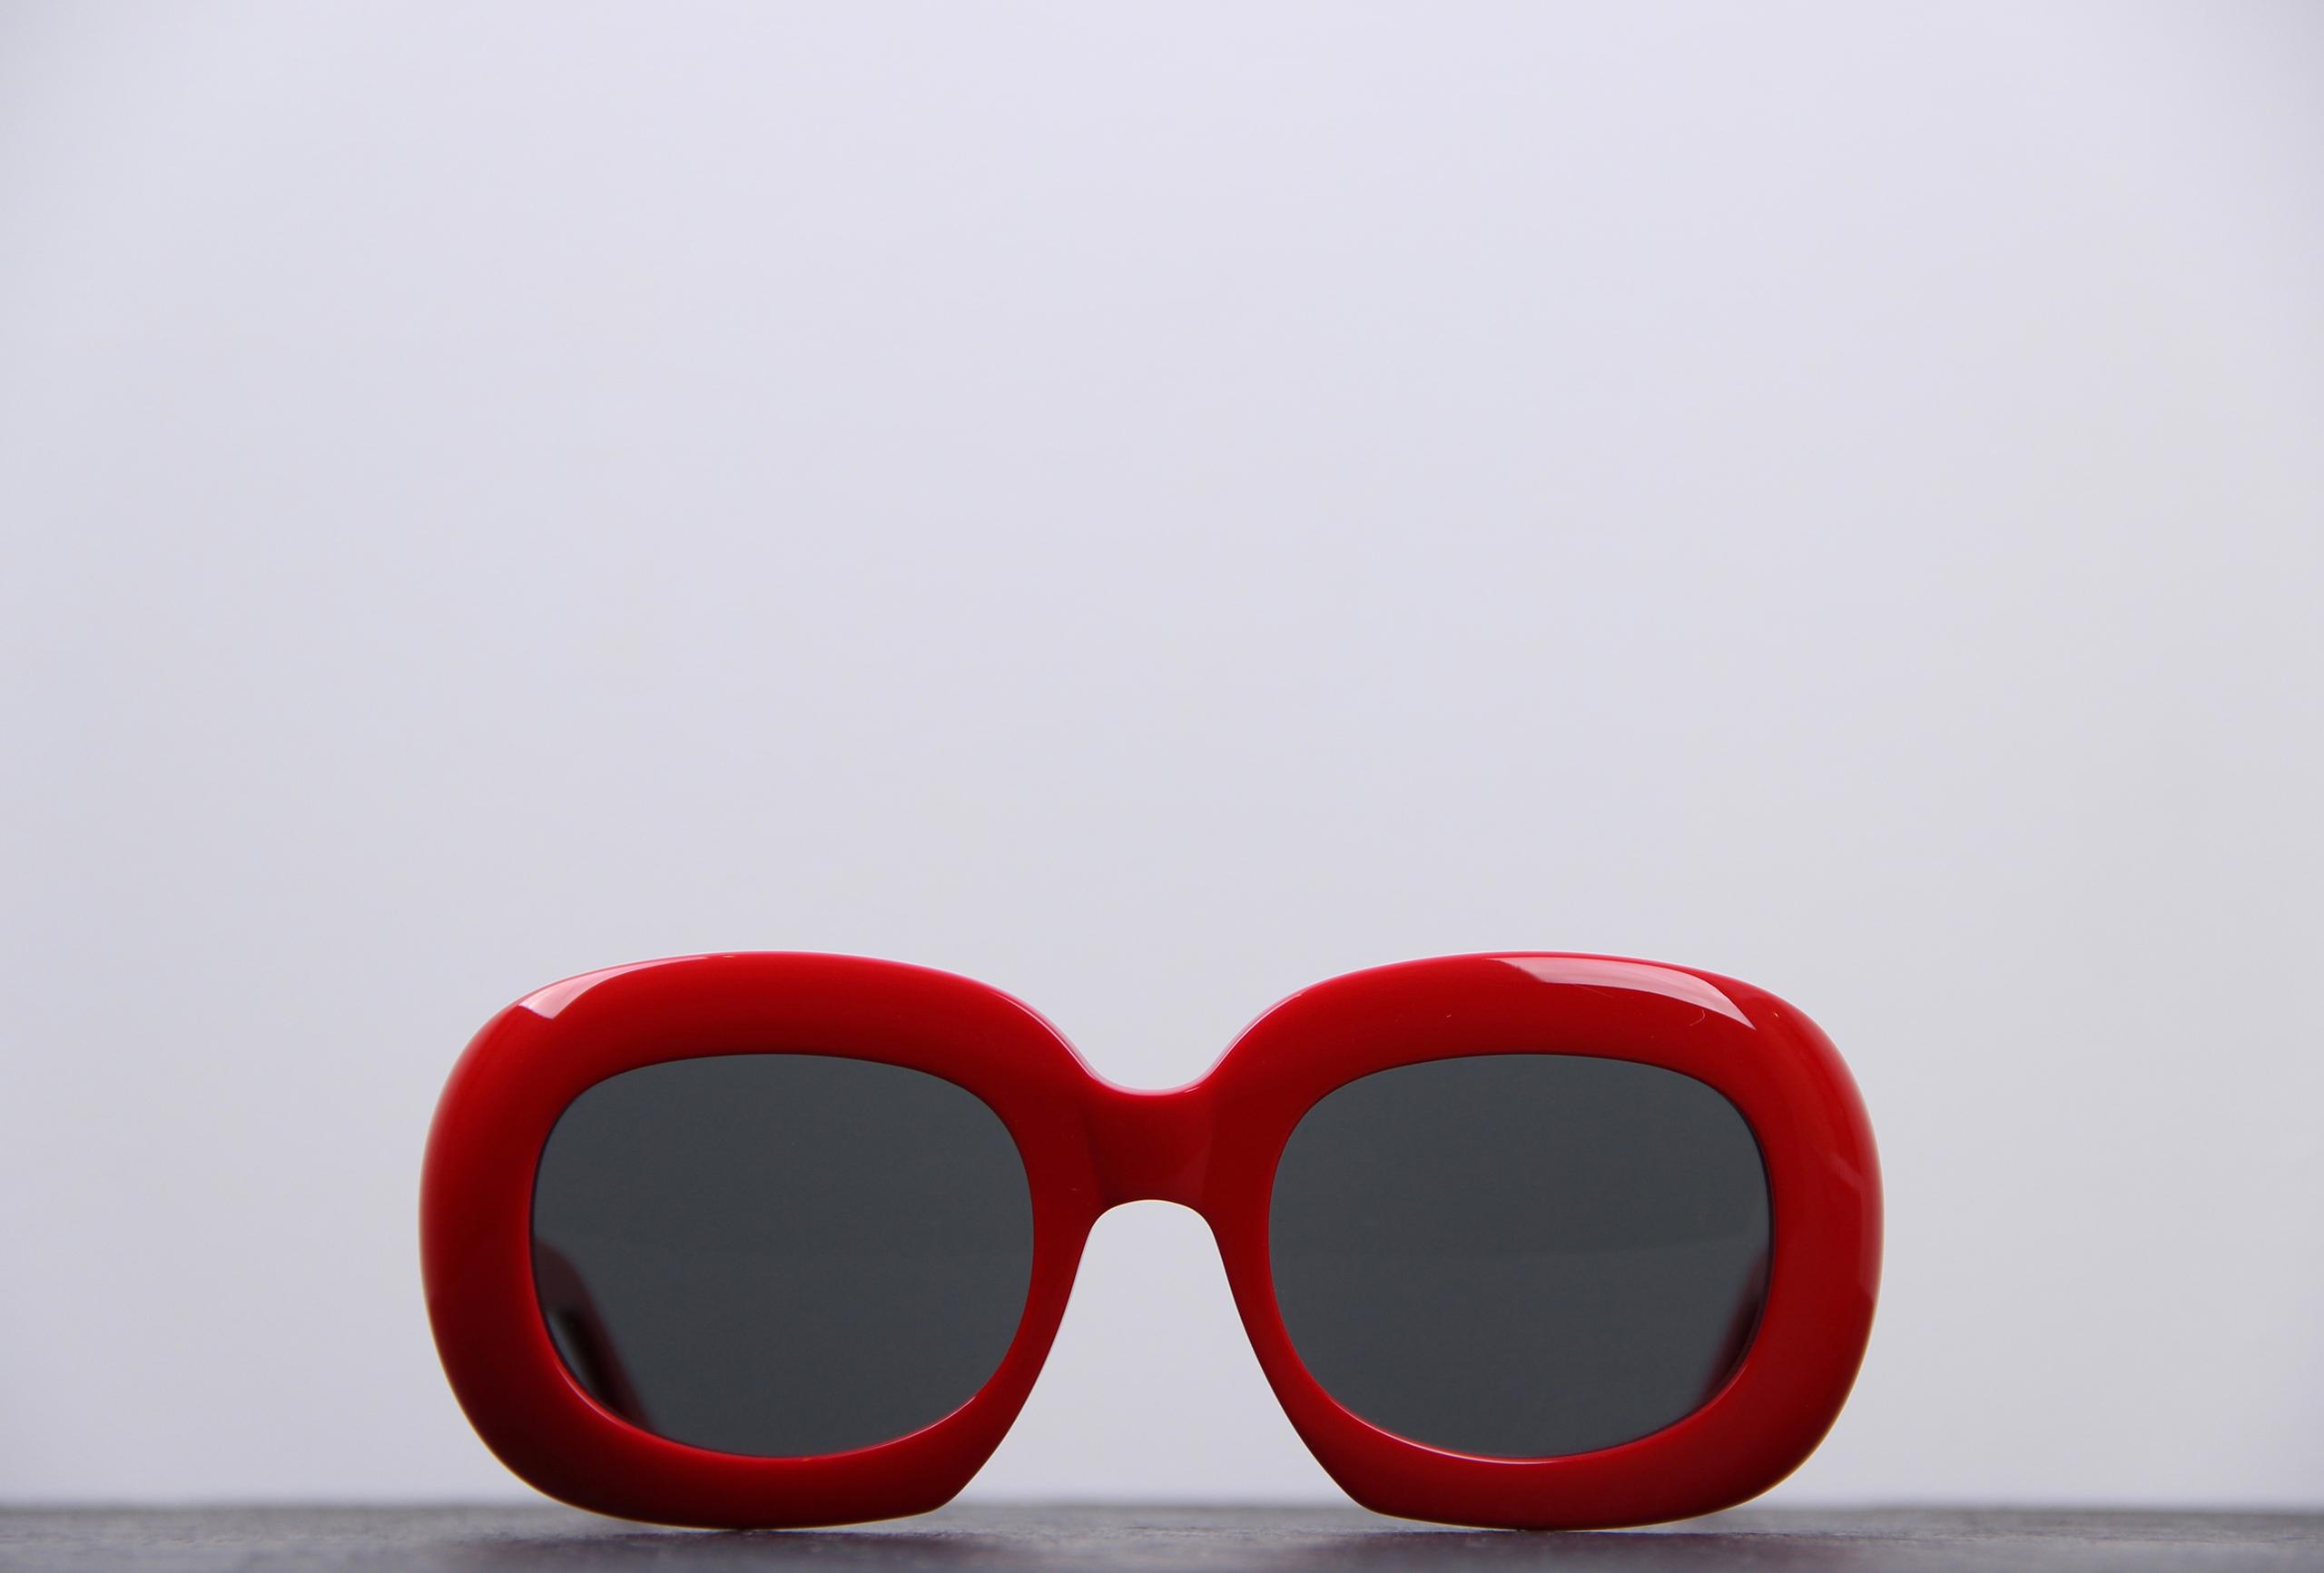 lunette celine rouge avec monture epaisse